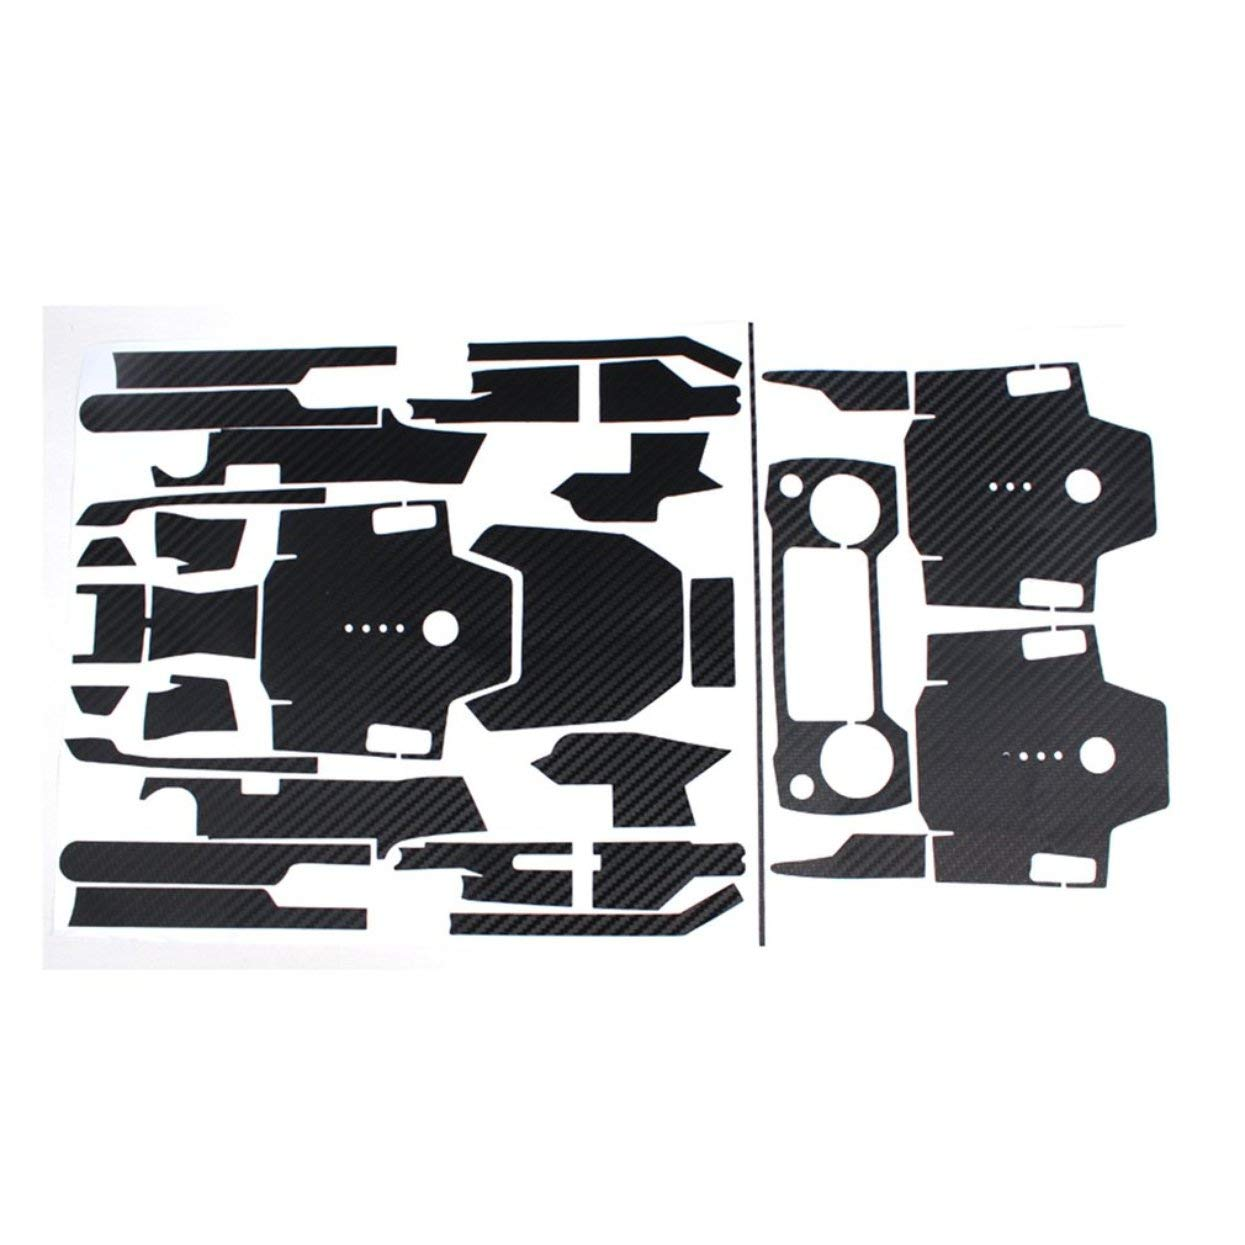 Serie Completa di Adesivi Accessori Corpo Tellaboull for Fibra di Carbonio Telecomando per DJI Mavic PRO Adesivi Impermeabili Braccio